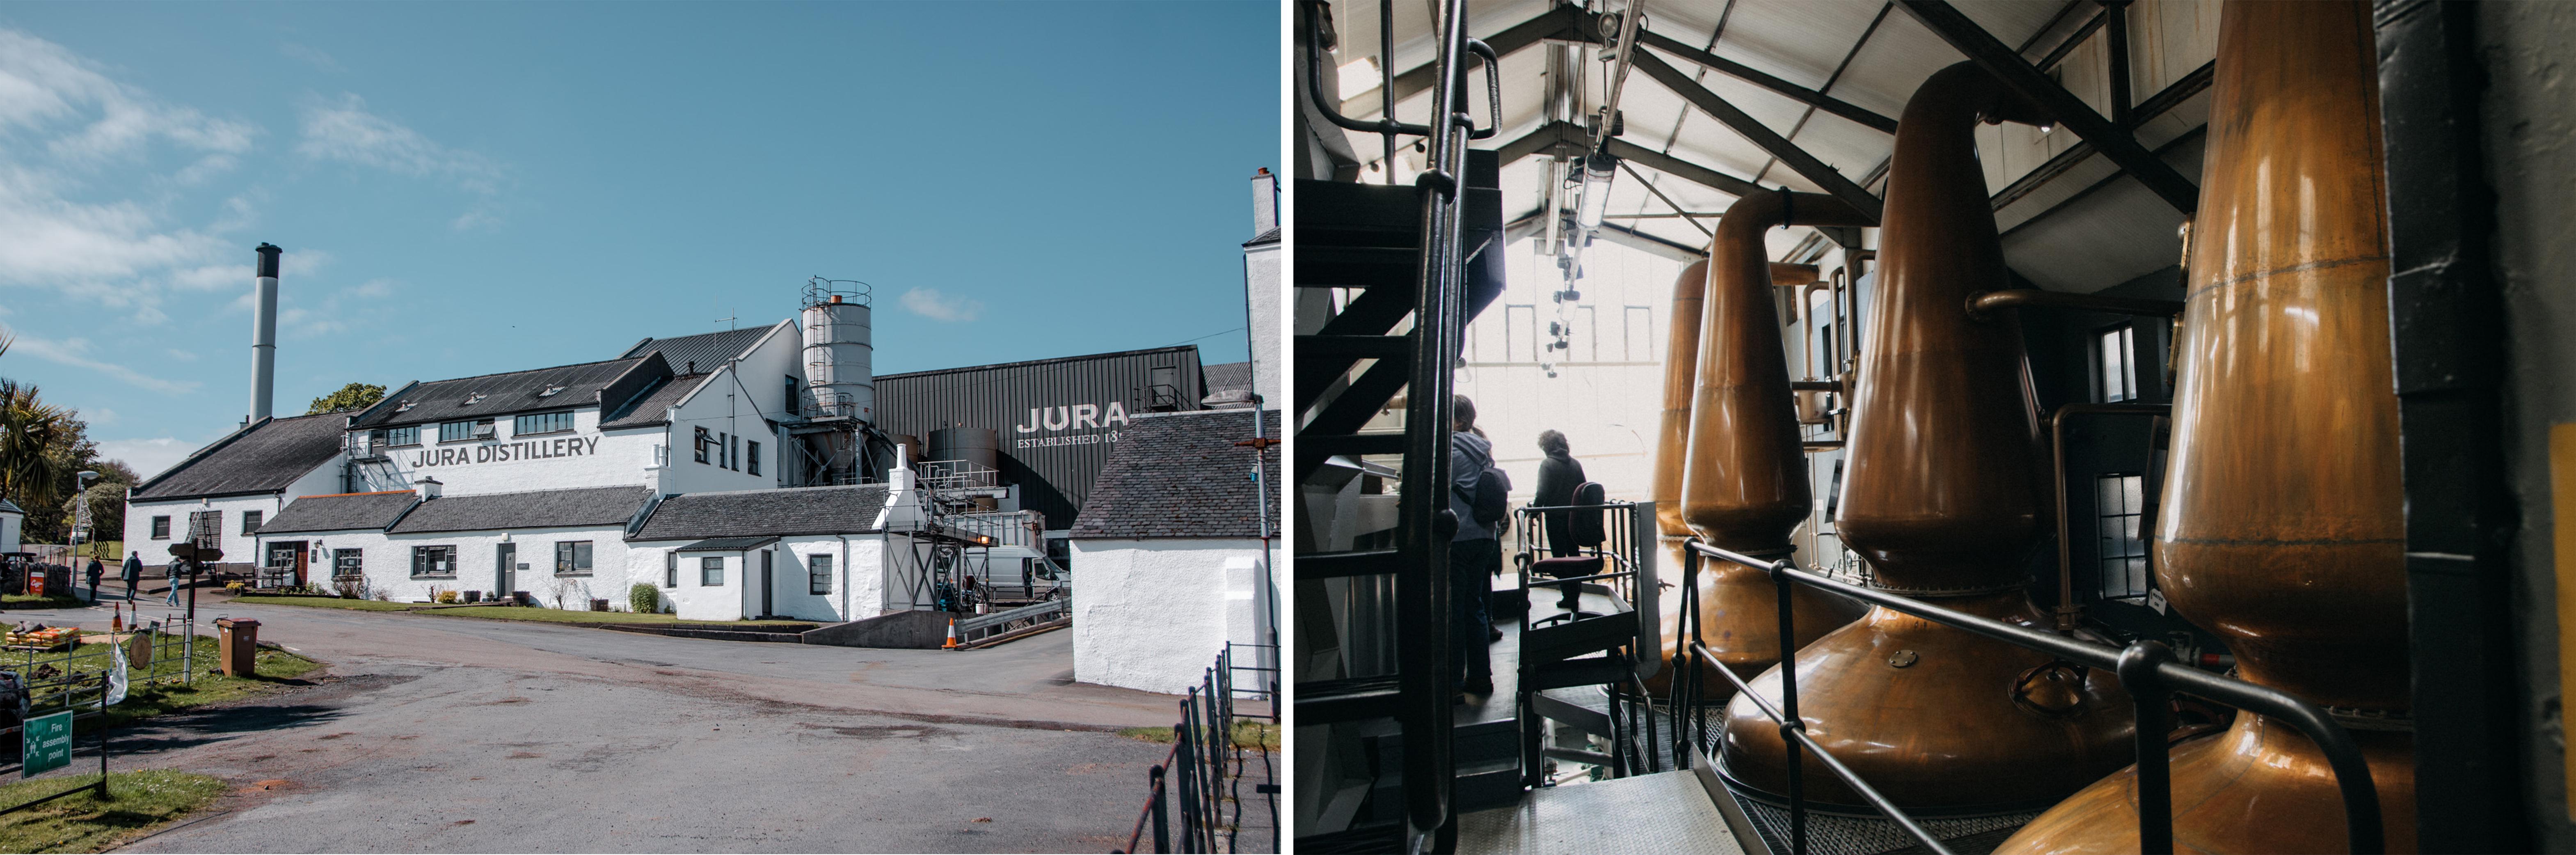 Jura Whisky Destillery in Craighouse auf der Insel Jura, Schottland